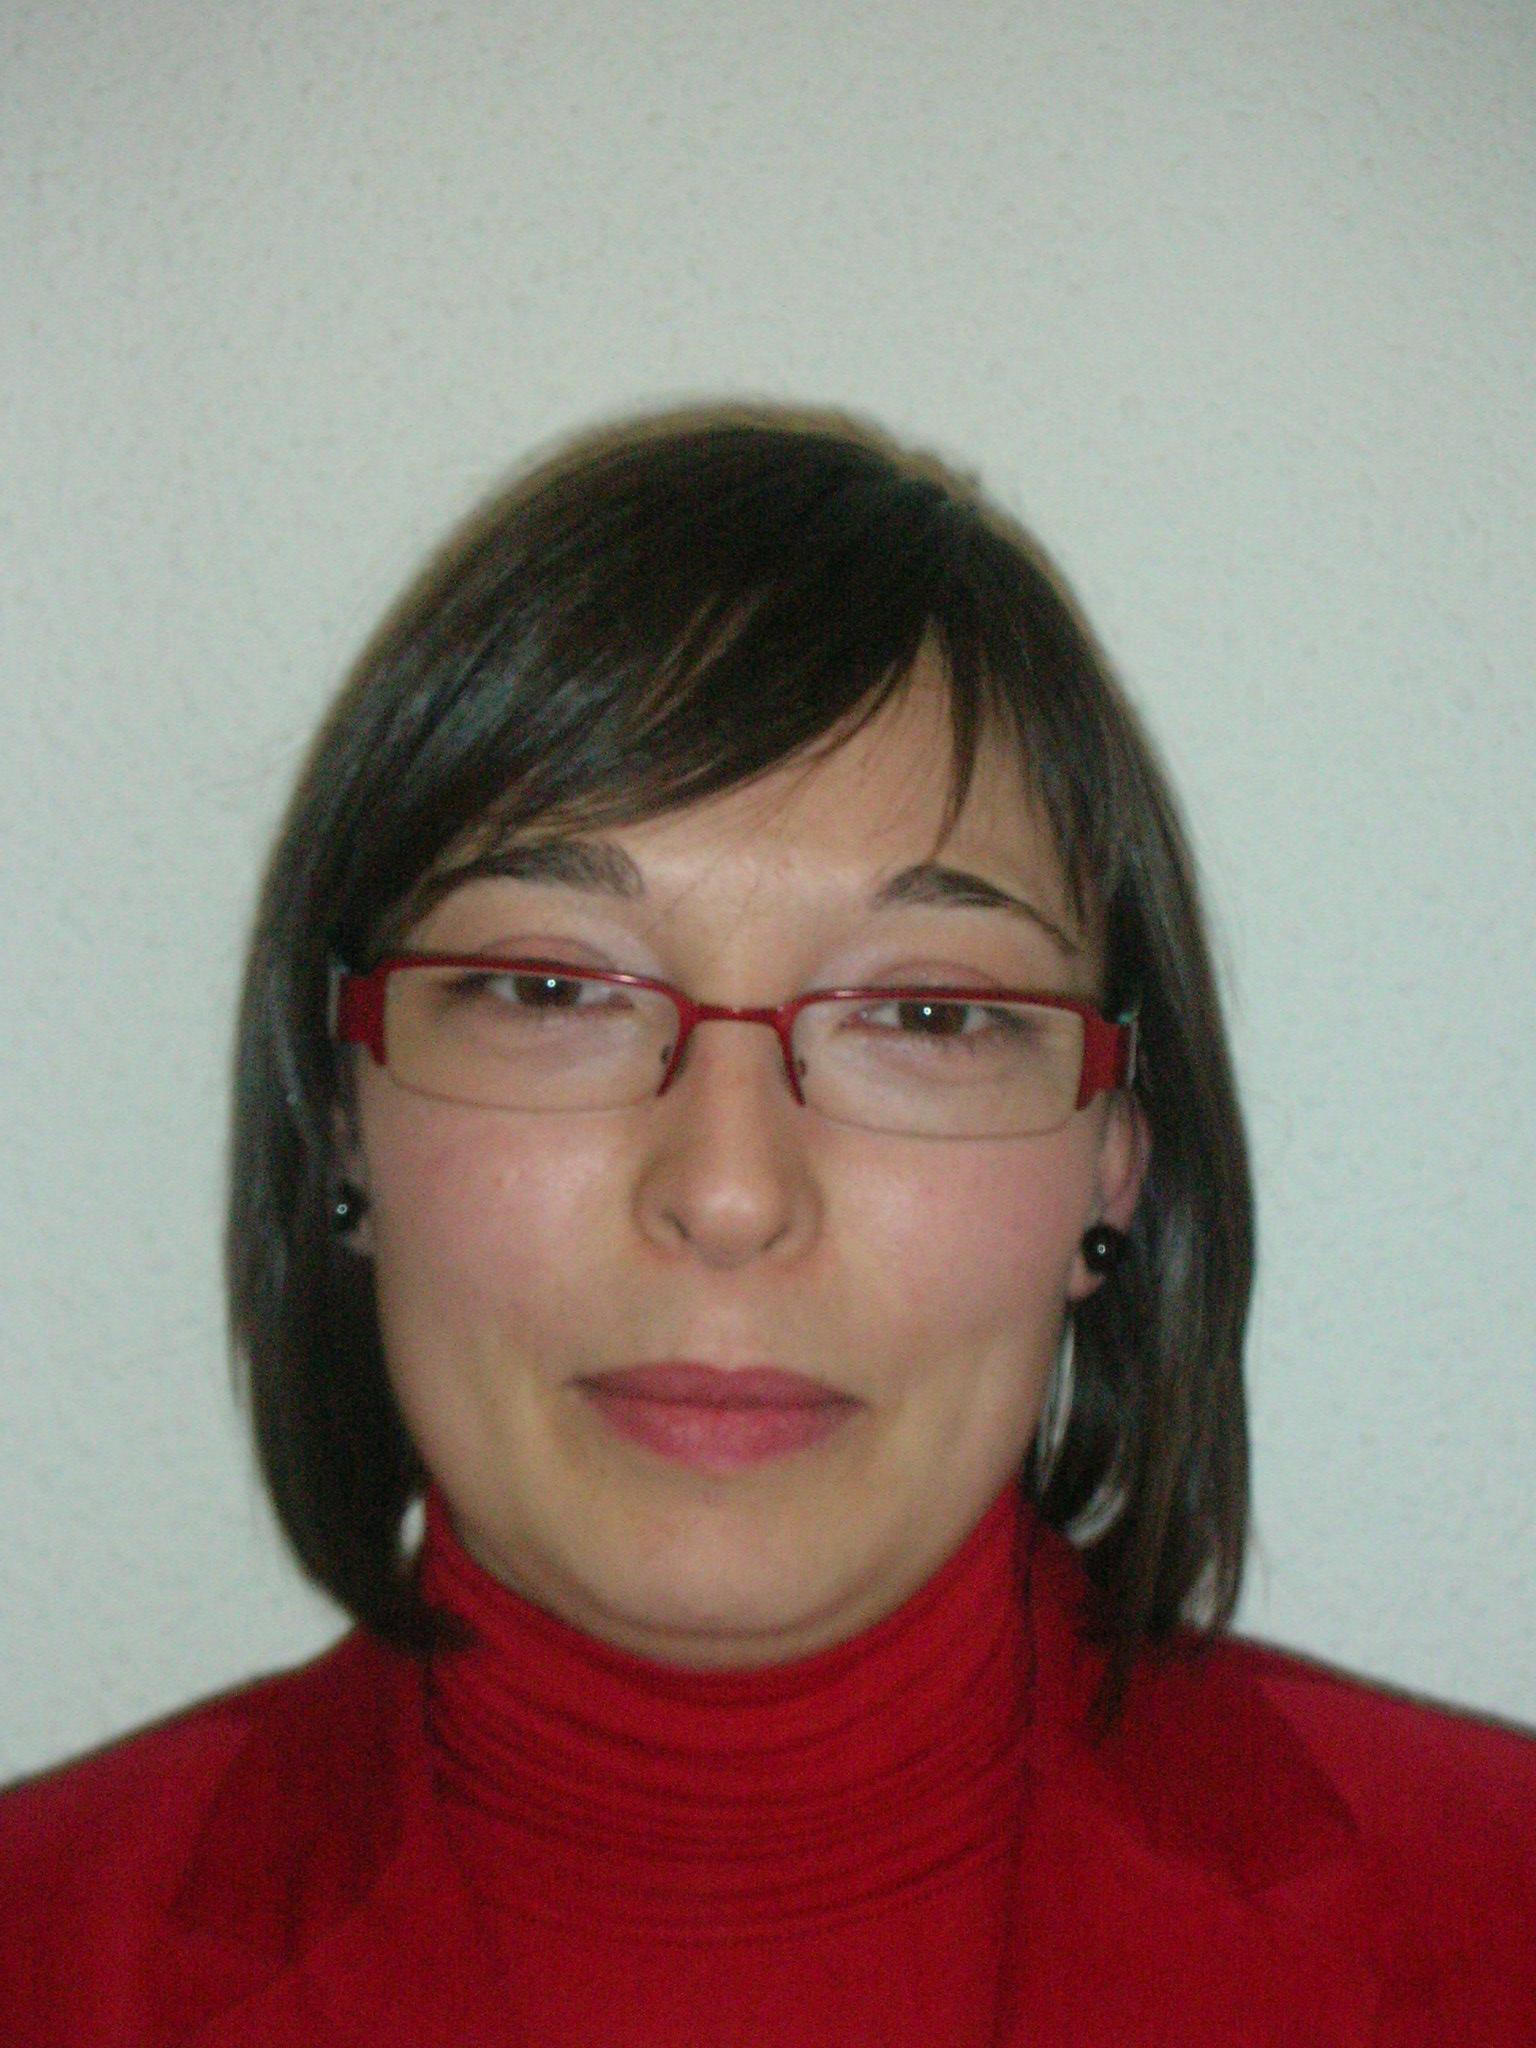 Ana Arroyo, pdv Carolina Coronado. 12 de diciembre. - ana-arroyo-blanco